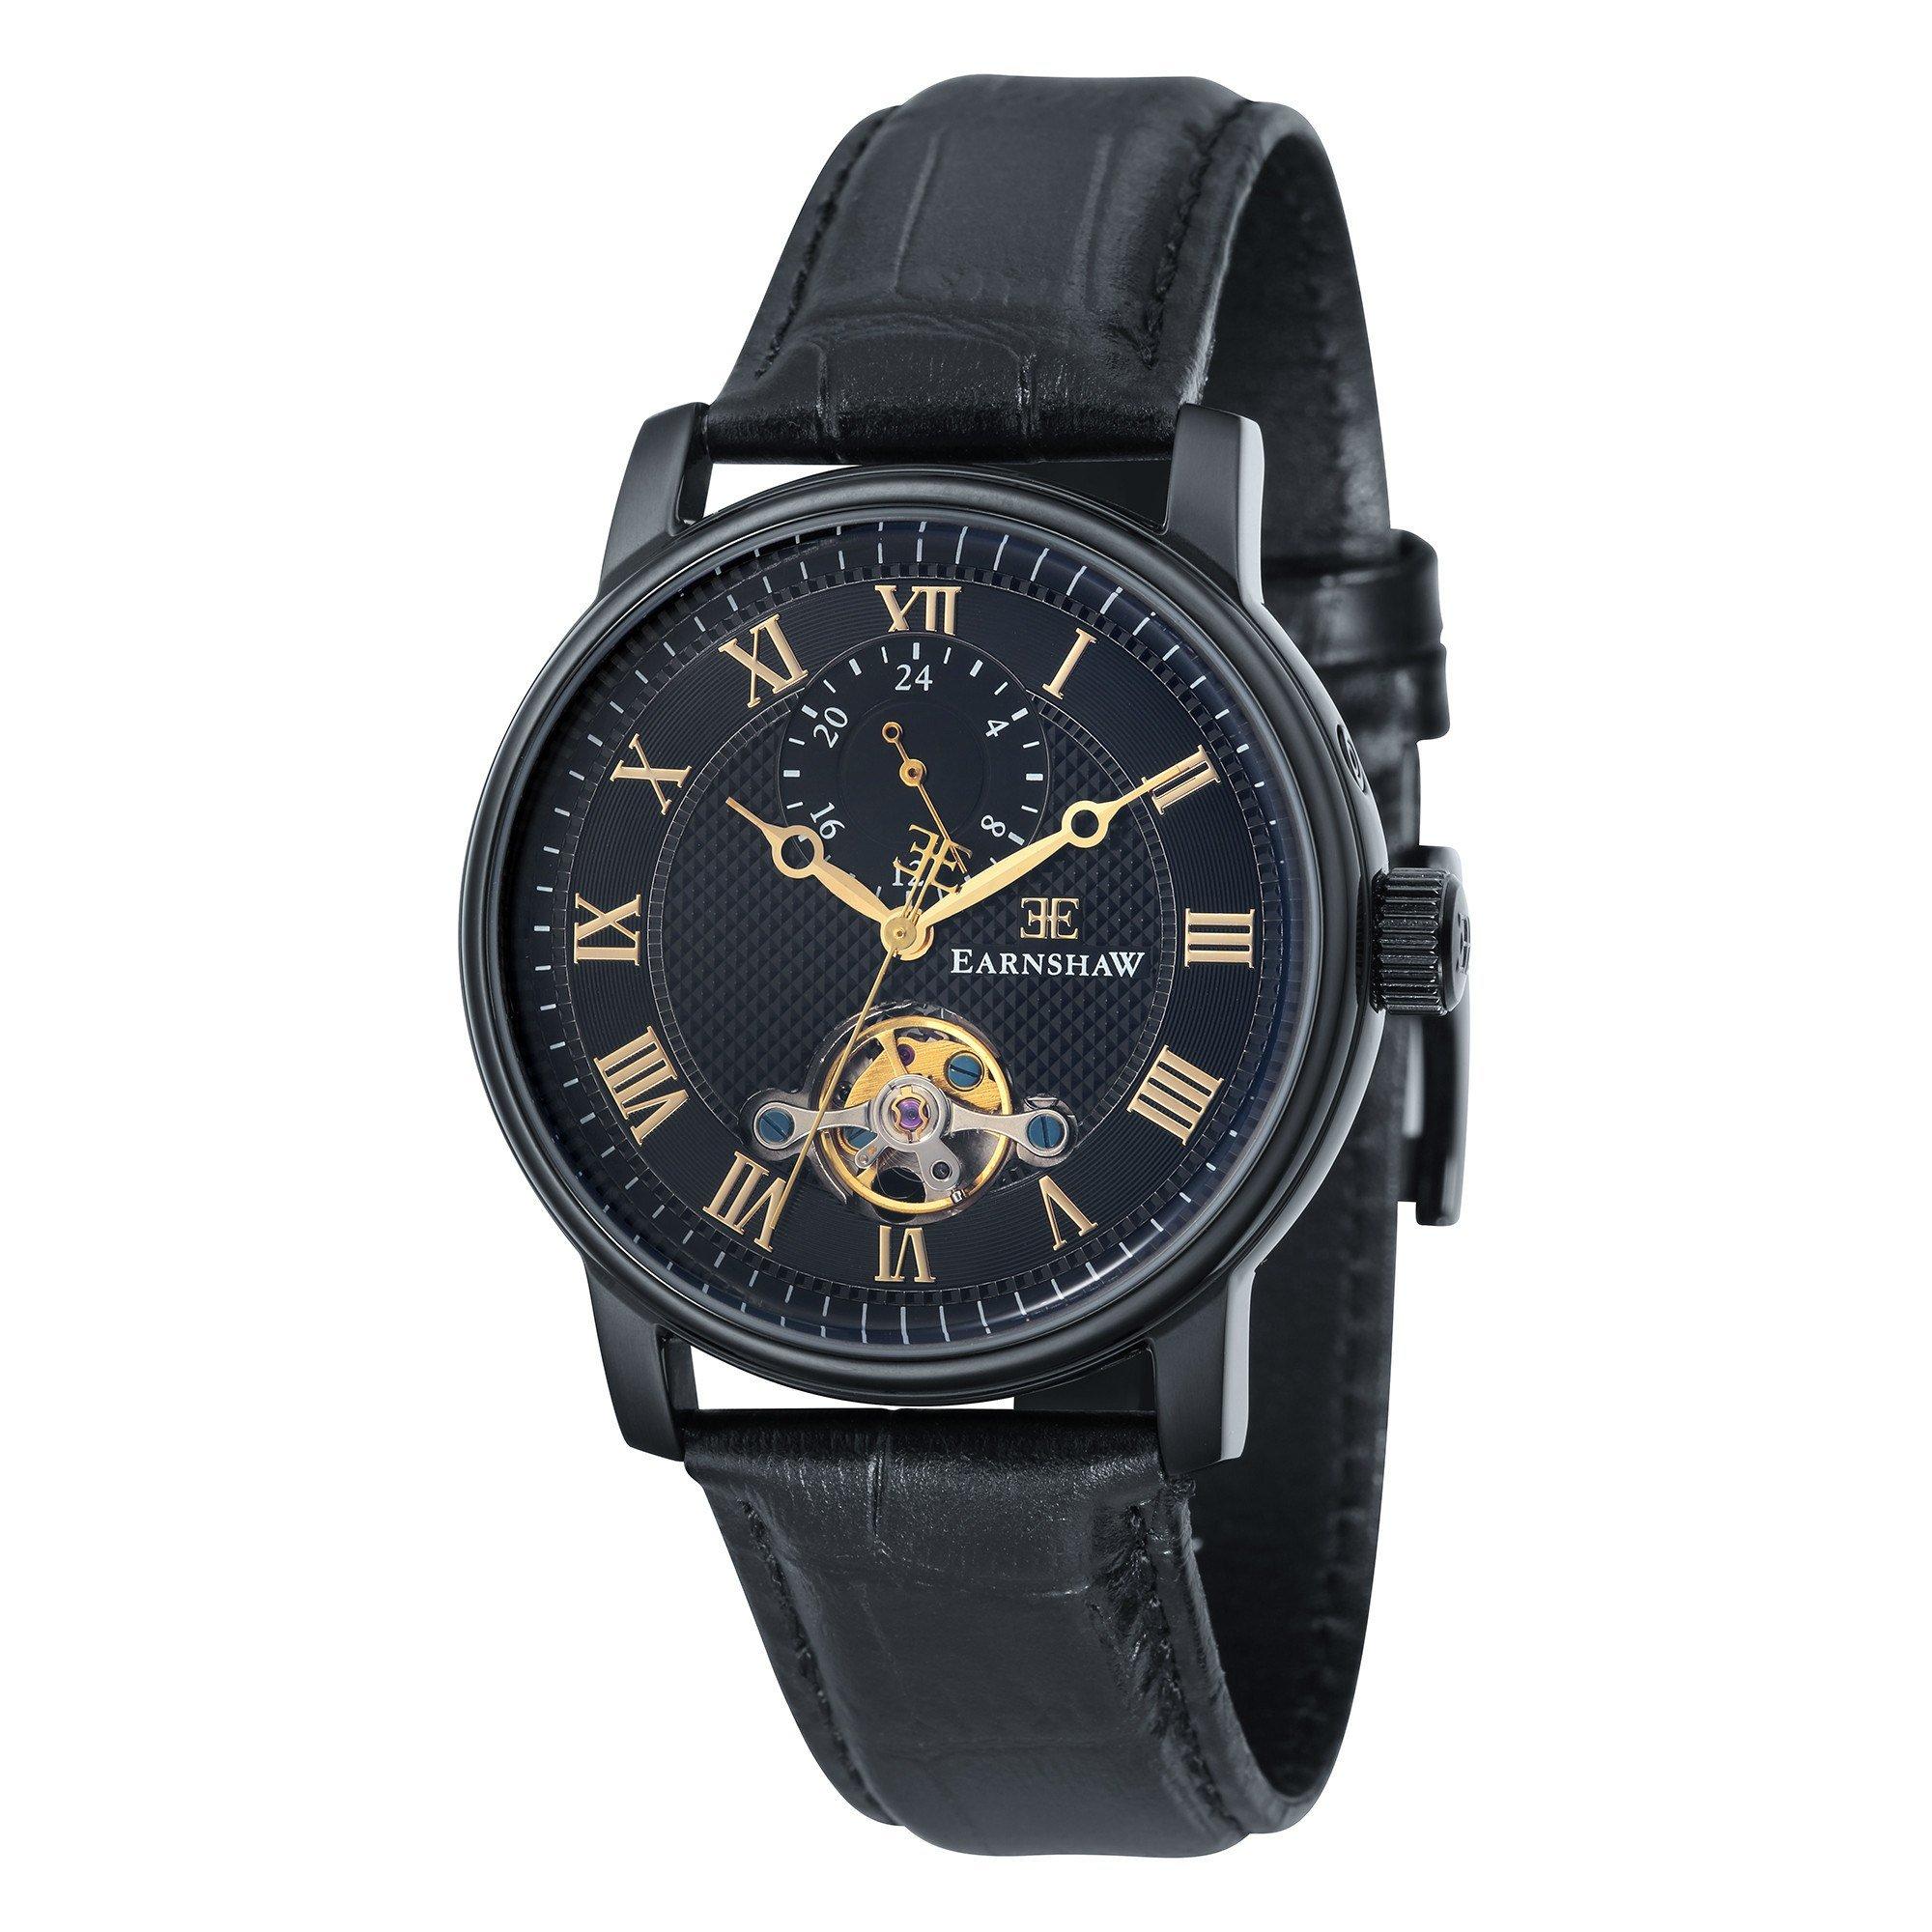 ساعت مچی عقربه ای مردانه ارنشا مدل ES-8042-08 6